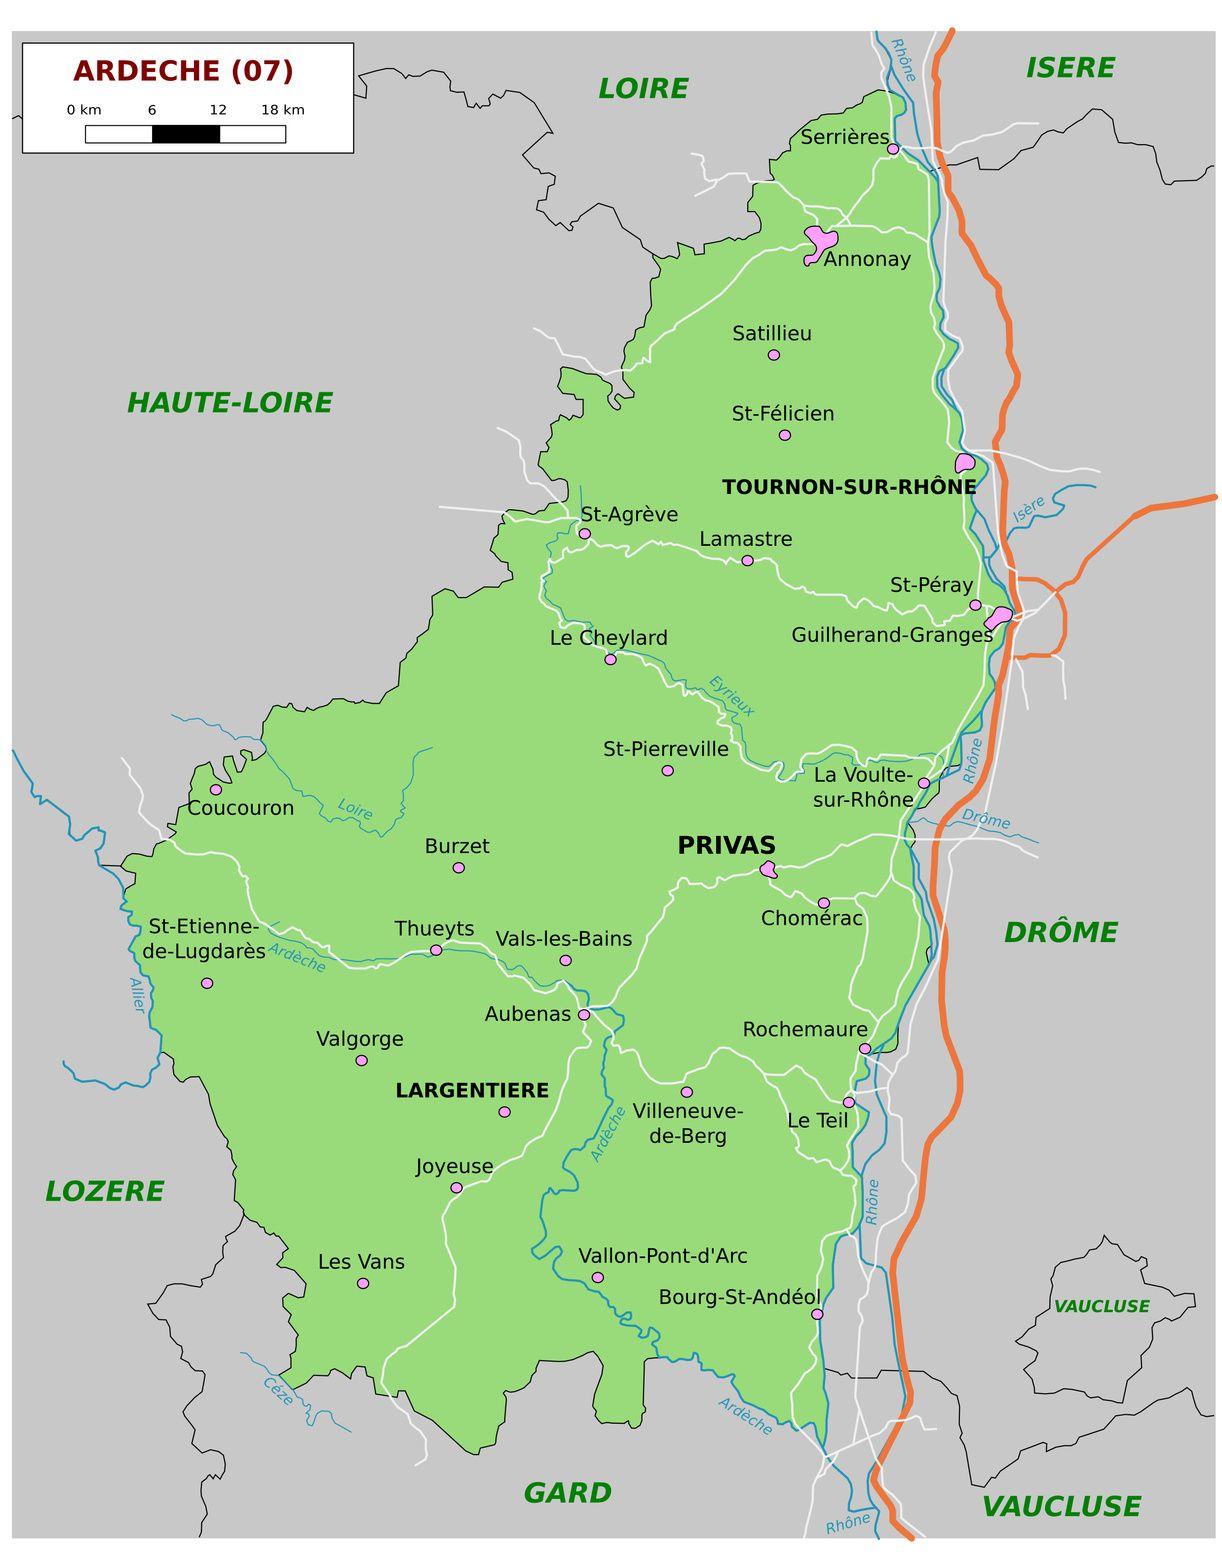 Carte De L'ardèche - Ardèche Carte Des Villes, Communes pour Carte Des Départements Et Villes